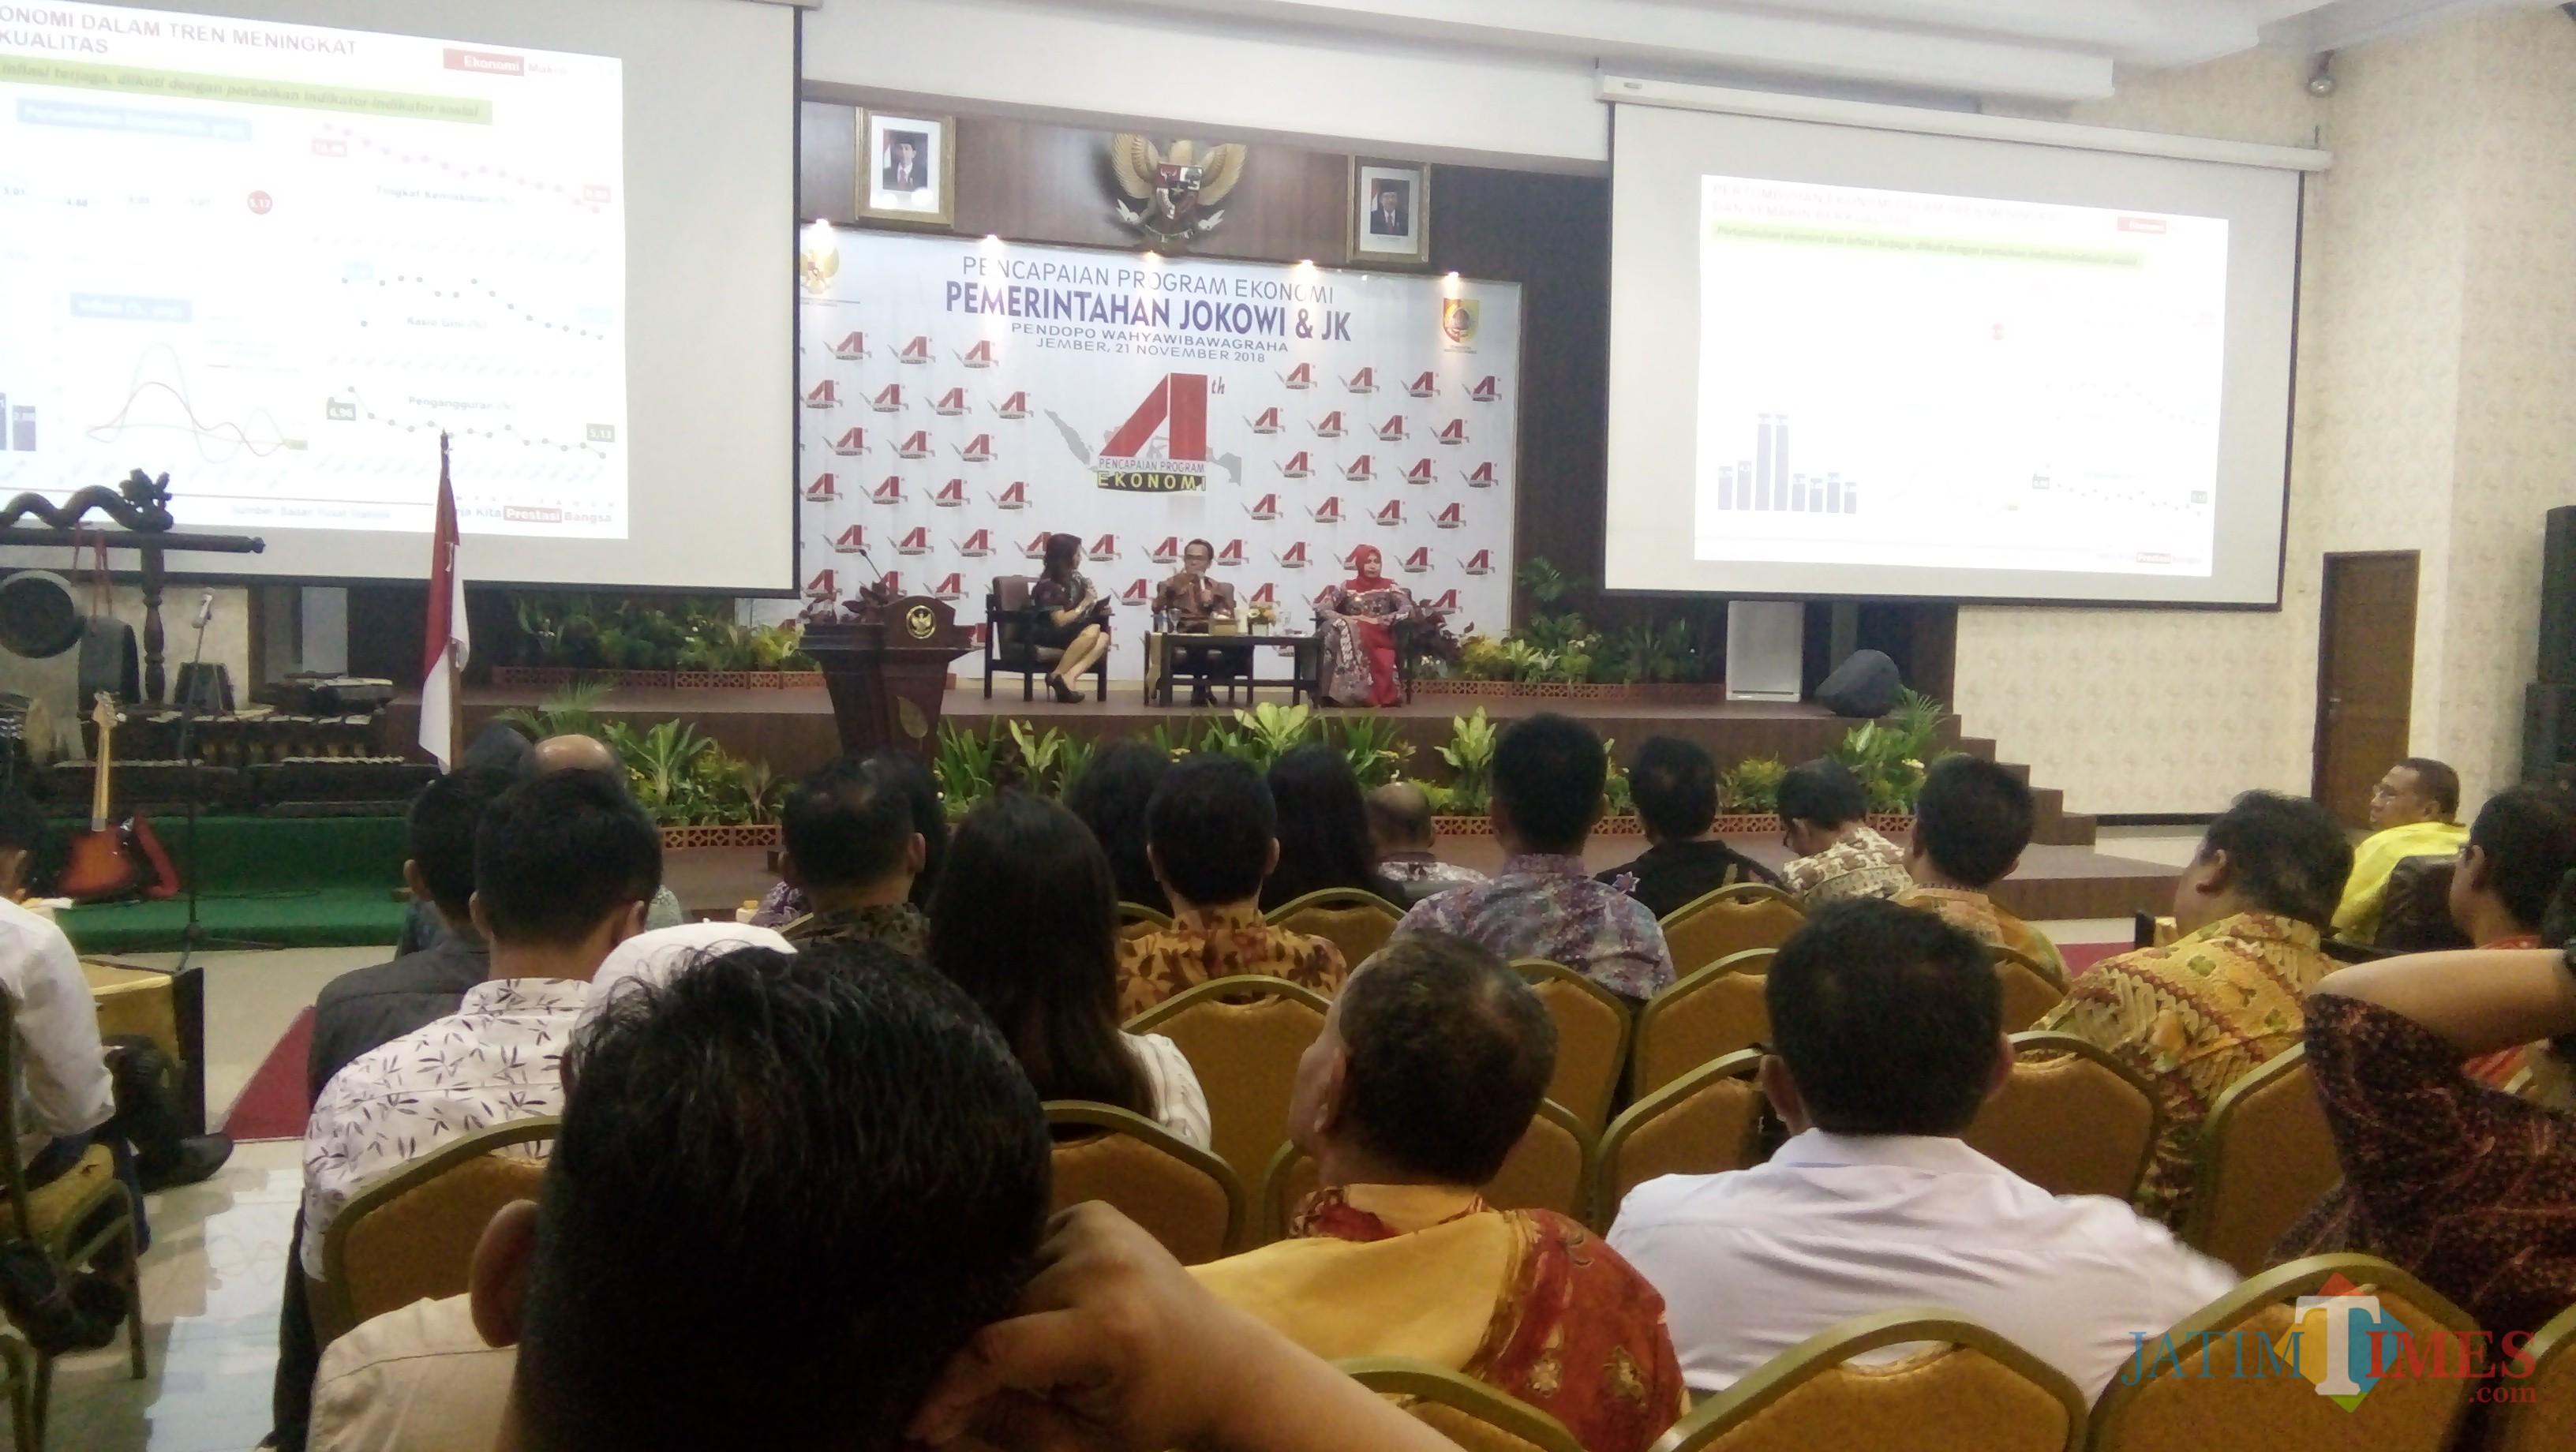 Sekretaris Kementerian Koordinator Bidang Ekonomi Susiwijono bersama Bupati Jember dr Hj Faida MMR saat acara talk show di pendapa. (foto : Moh. Ali Makrus / Jatim TIMES)